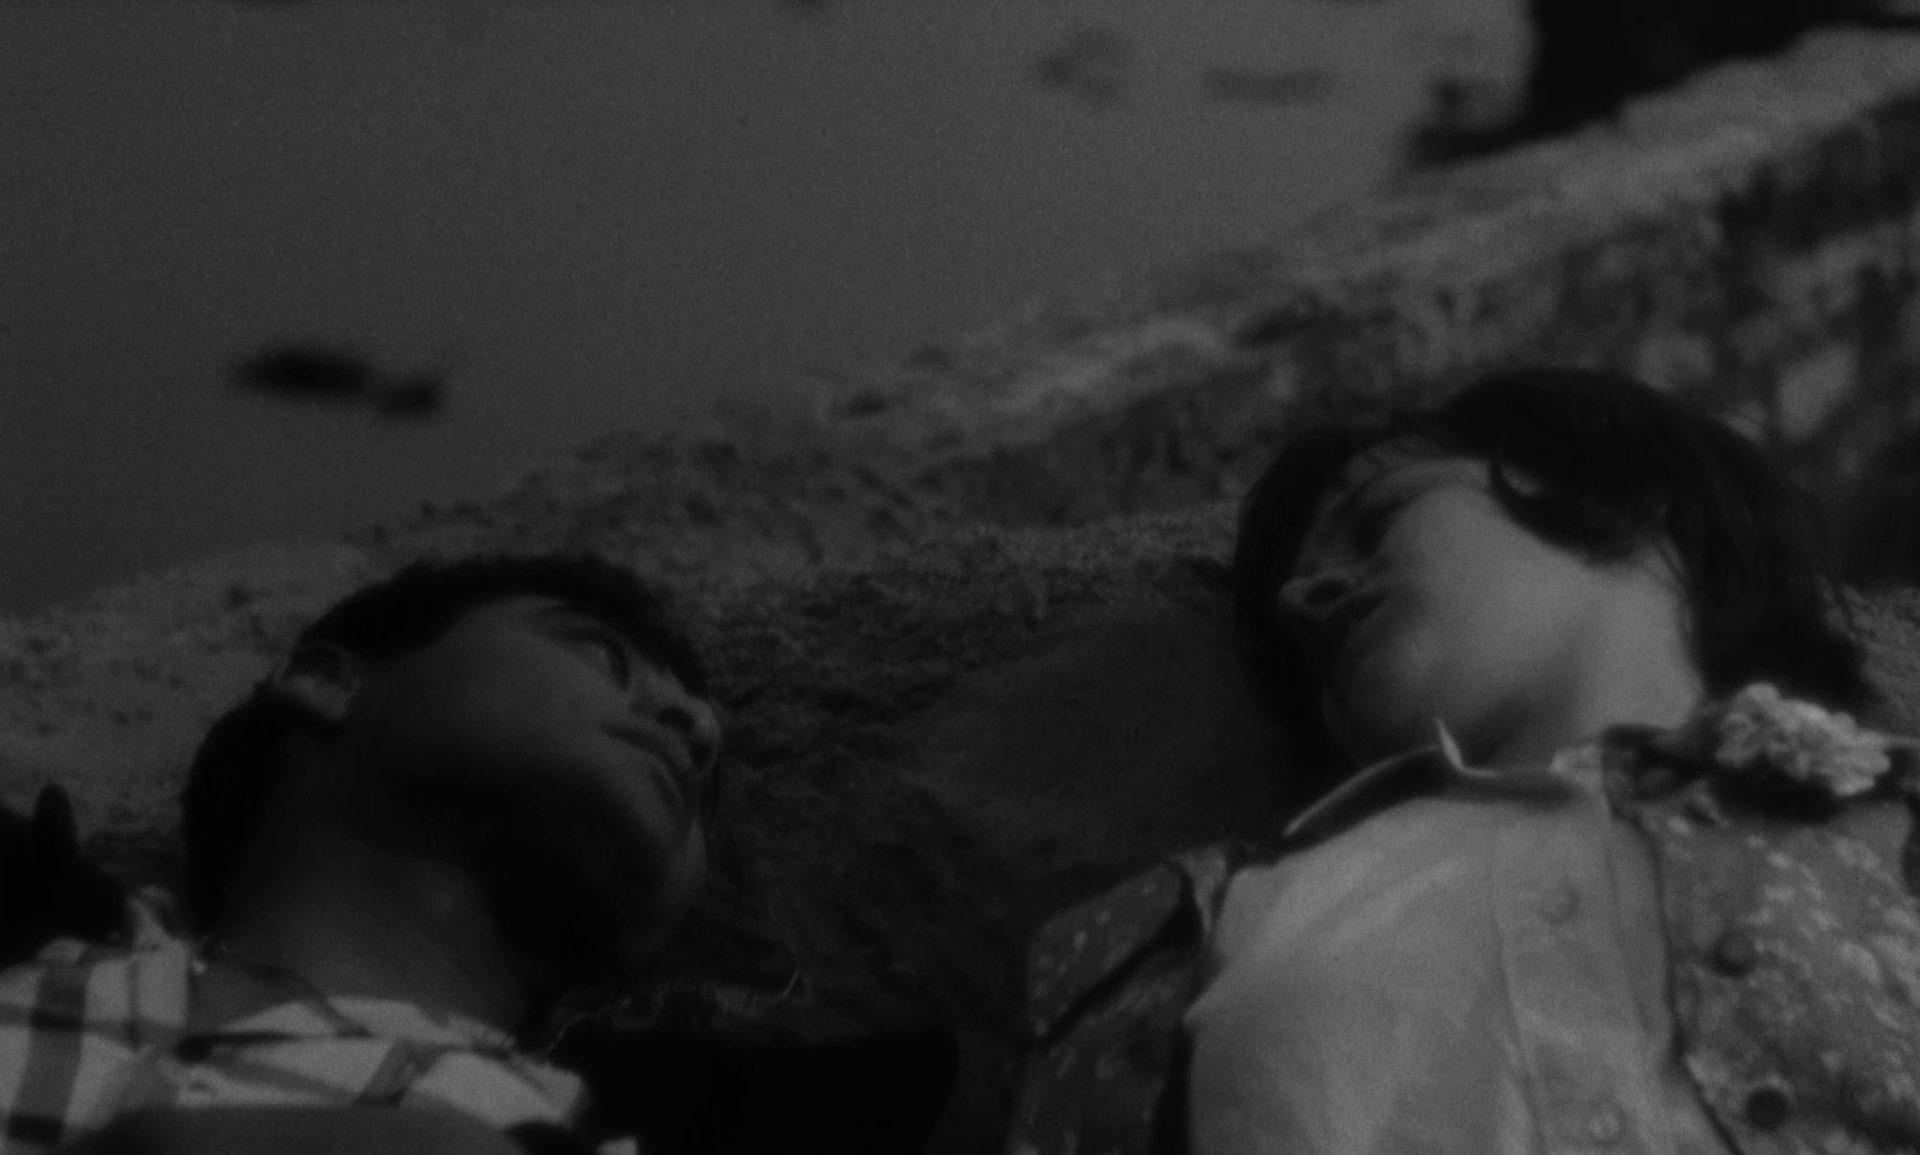 Nahaufnahme einer romantischen Szene mit Paul Danquah als Jimmy und Rita Tushingham als Jo.